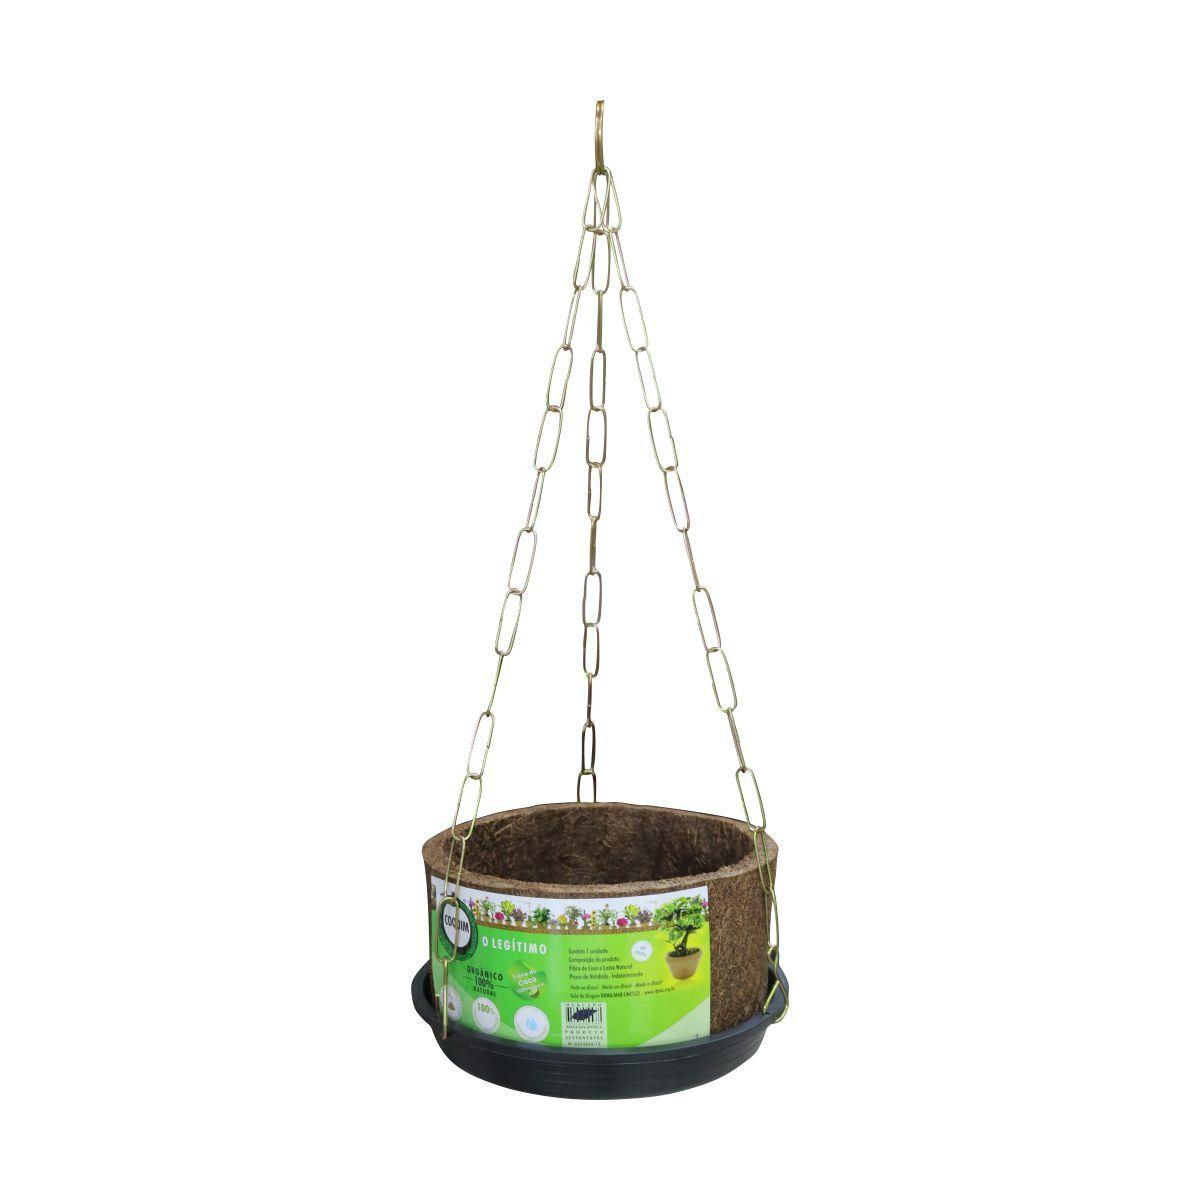 Kit Vaso de Fibra de Coco Nº 17 15cm x 26,5cm com Prato e Corrente COQUIM